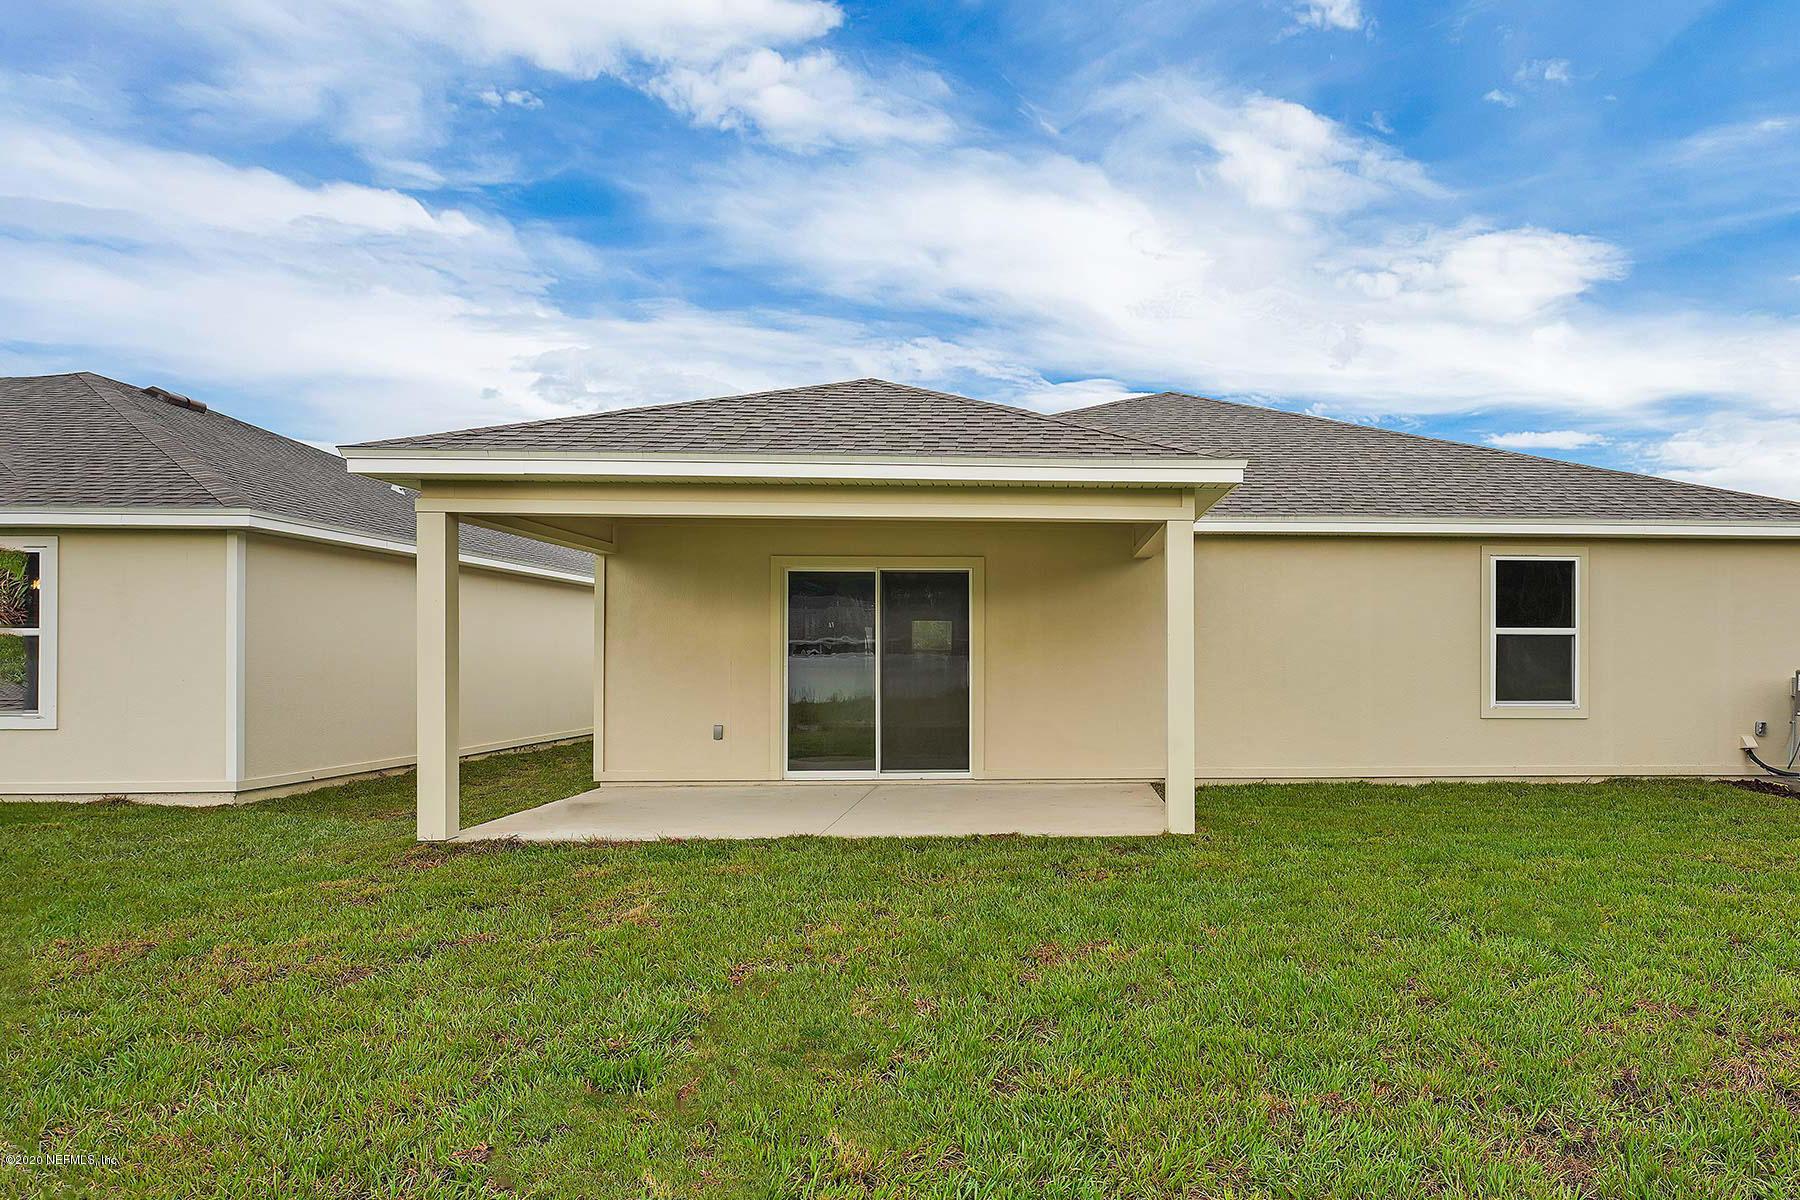 77447 LUMBER CREEK, YULEE, FLORIDA 32097, 3 Bedrooms Bedrooms, ,2 BathroomsBathrooms,Residential,For sale,LUMBER CREEK,1060250